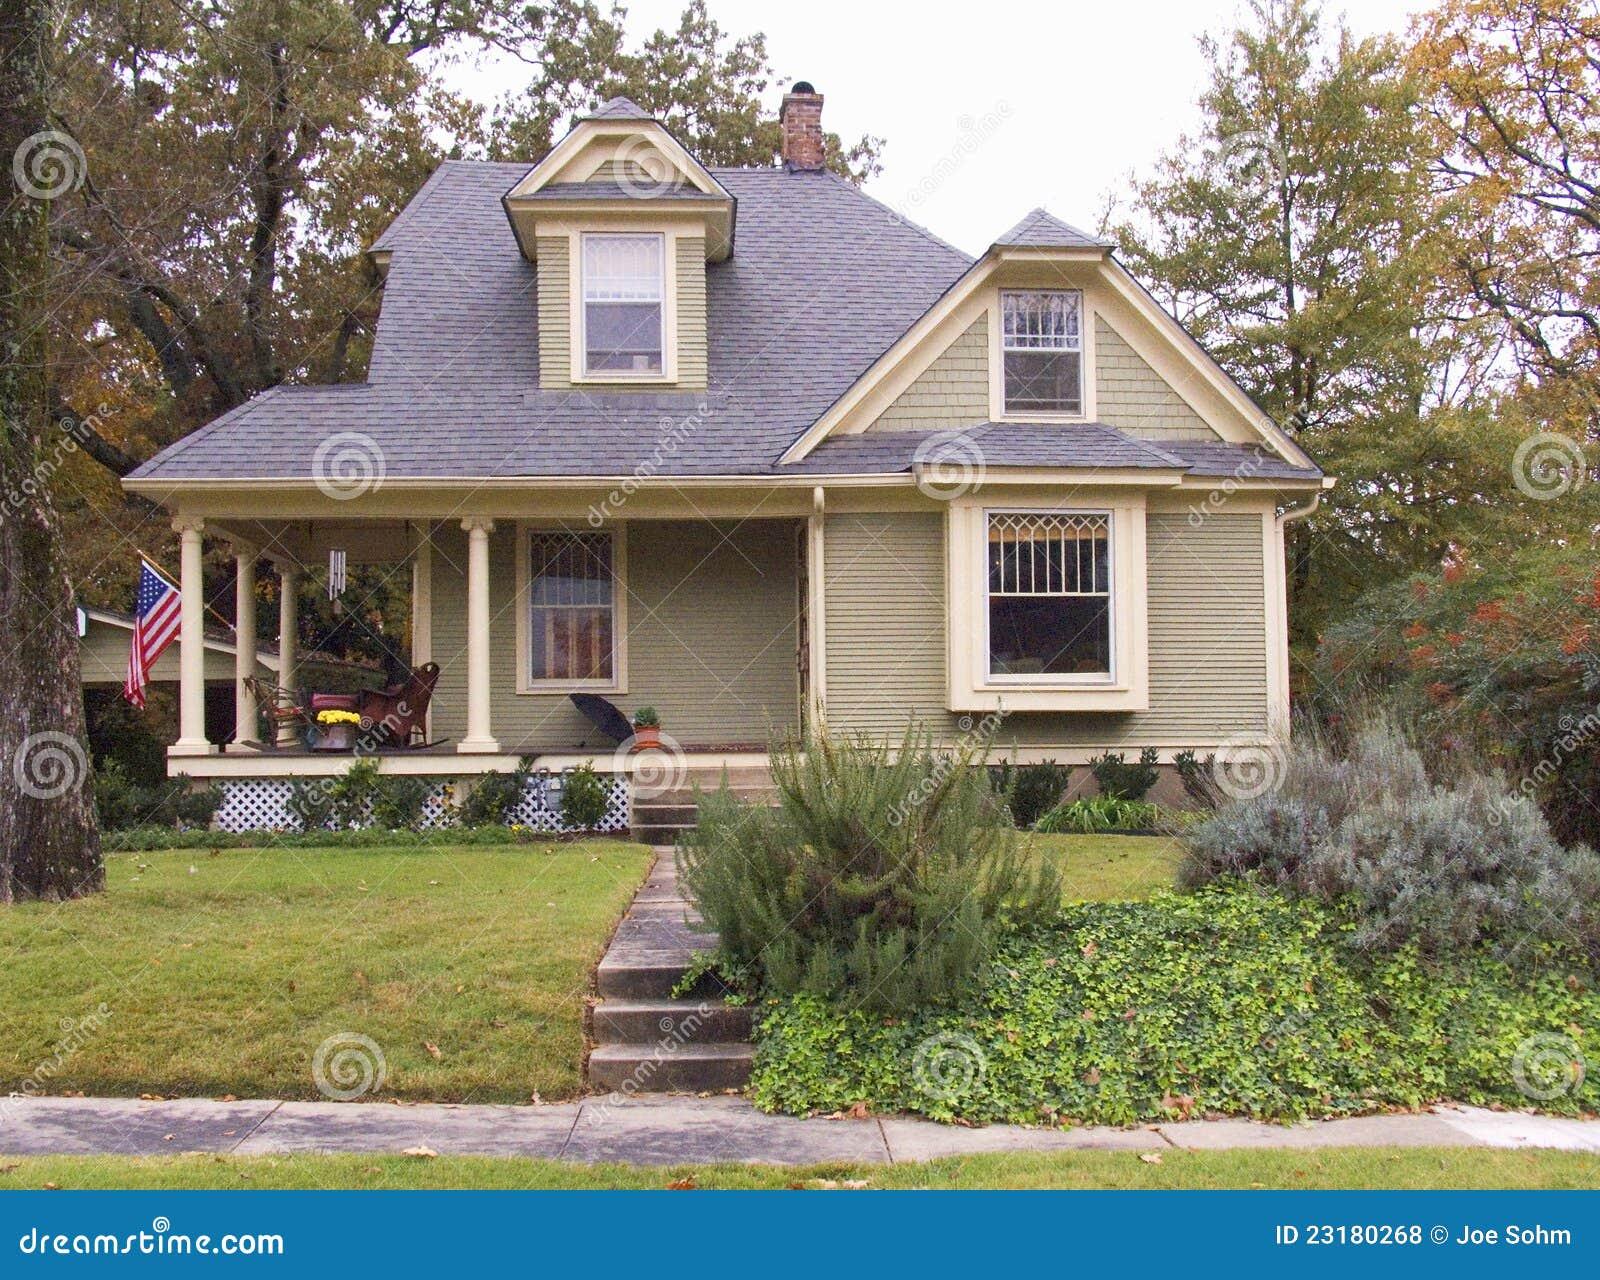 Origineel huis dat door rekening en hillary clinton wordt bezeten redactionele stock foto - Huis origineel huis ...